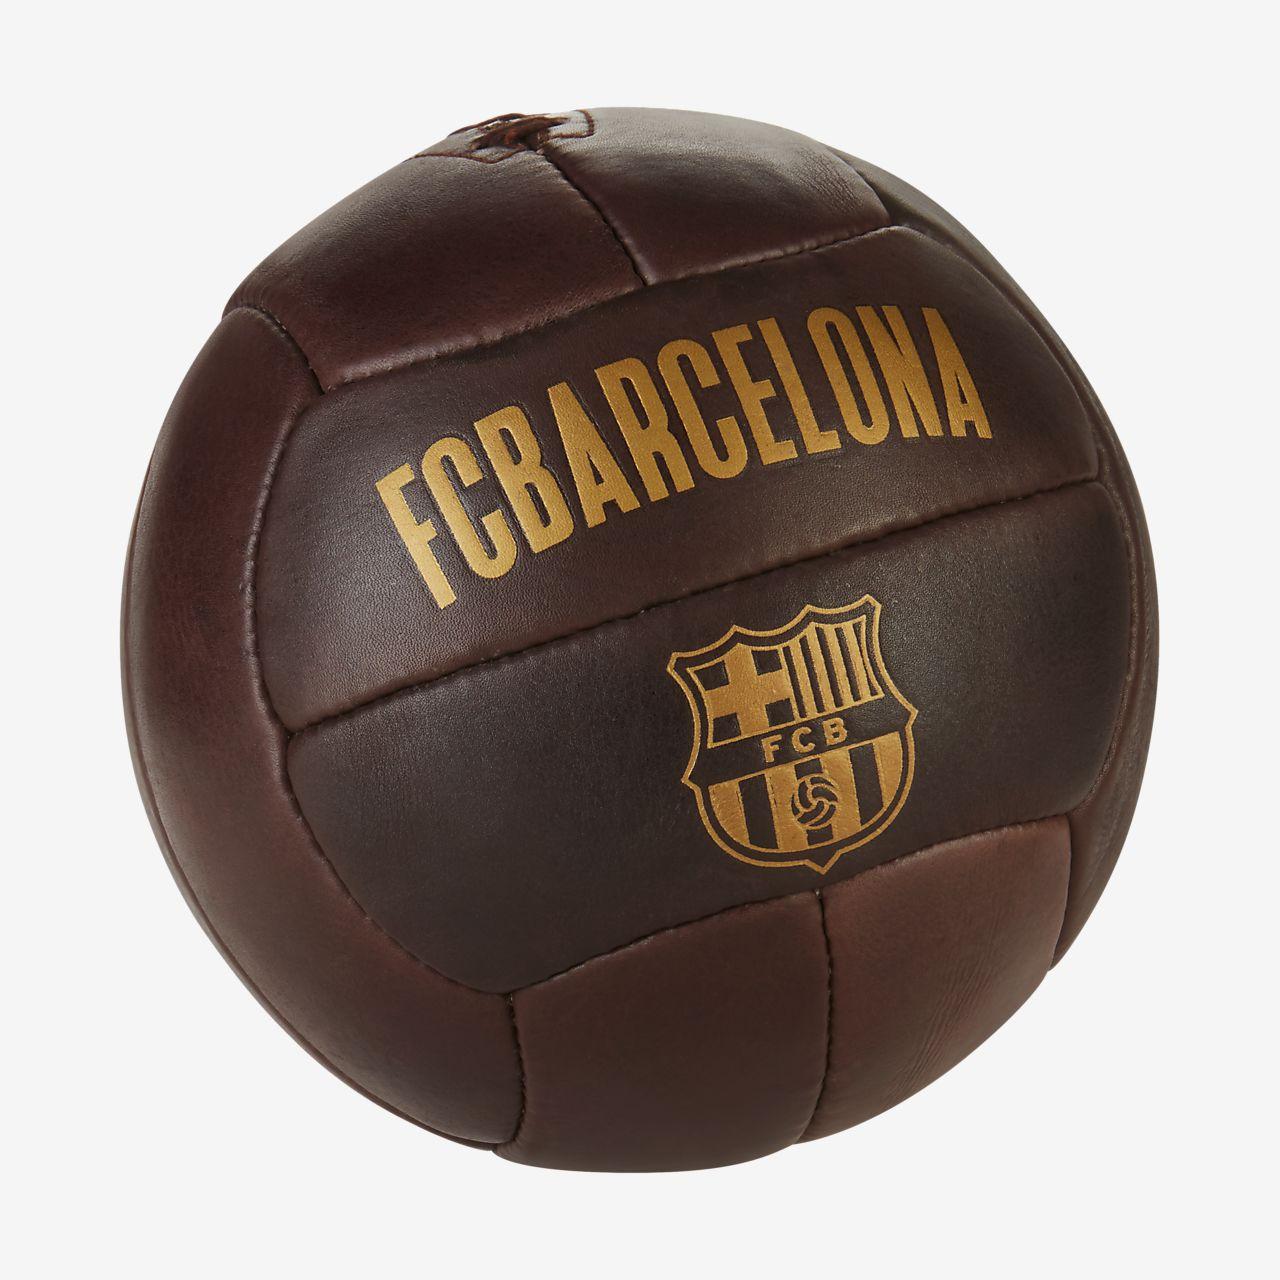 8448b8e5d576a FC Barcelona Historic 1899 Football. Nike.com AT